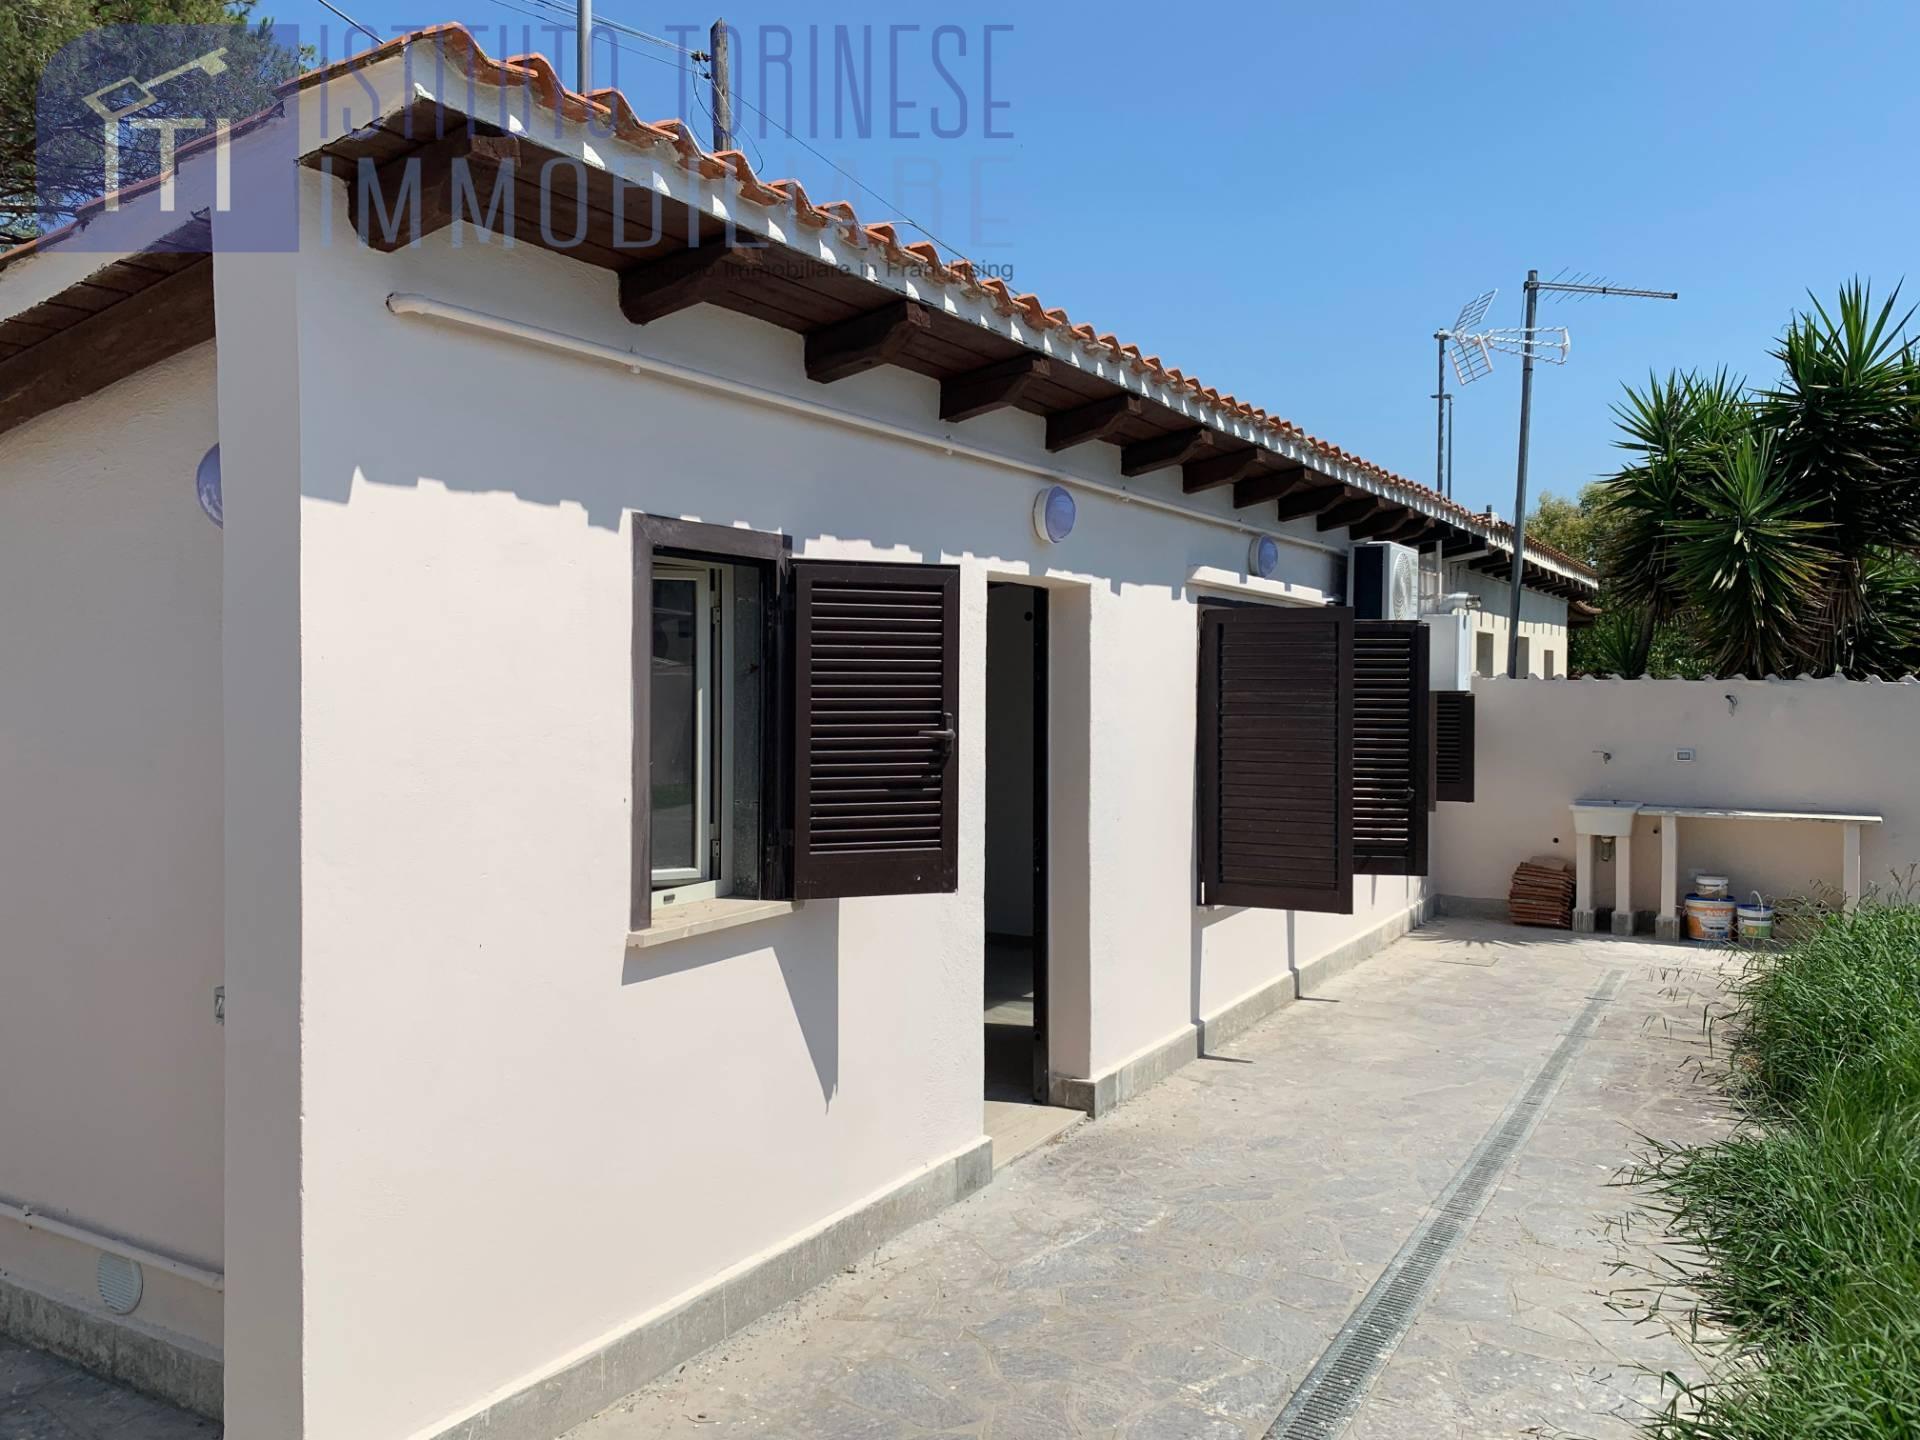 roma vendita quart: axa/casalpalocco/vitinia istituto torinese immobiliare